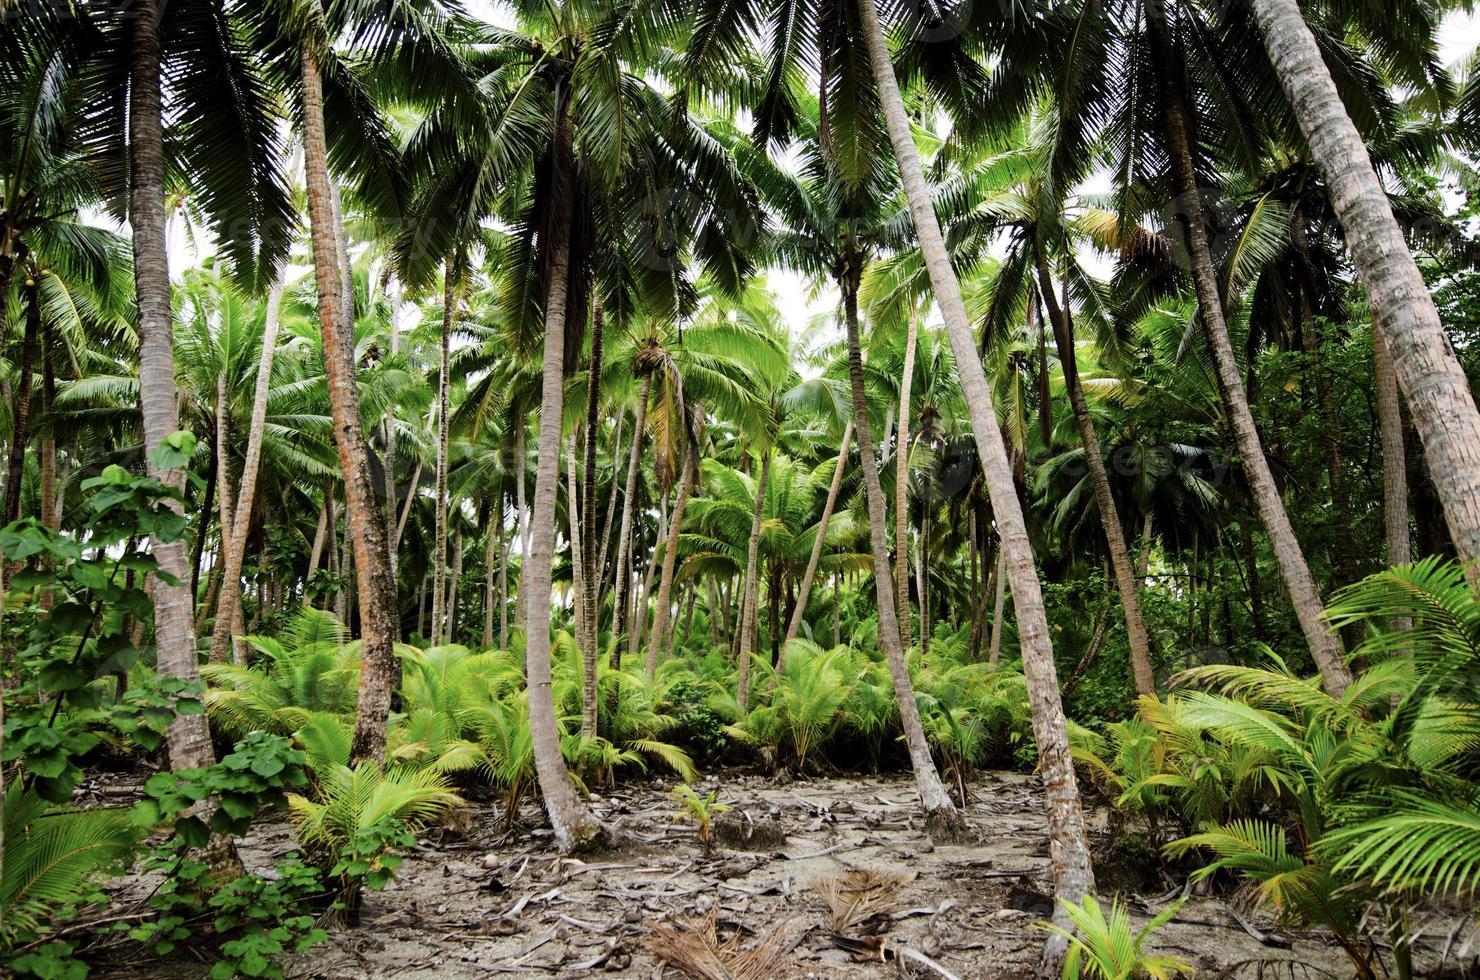 giungla della foresta pluviale del Pacifico meridionale foto